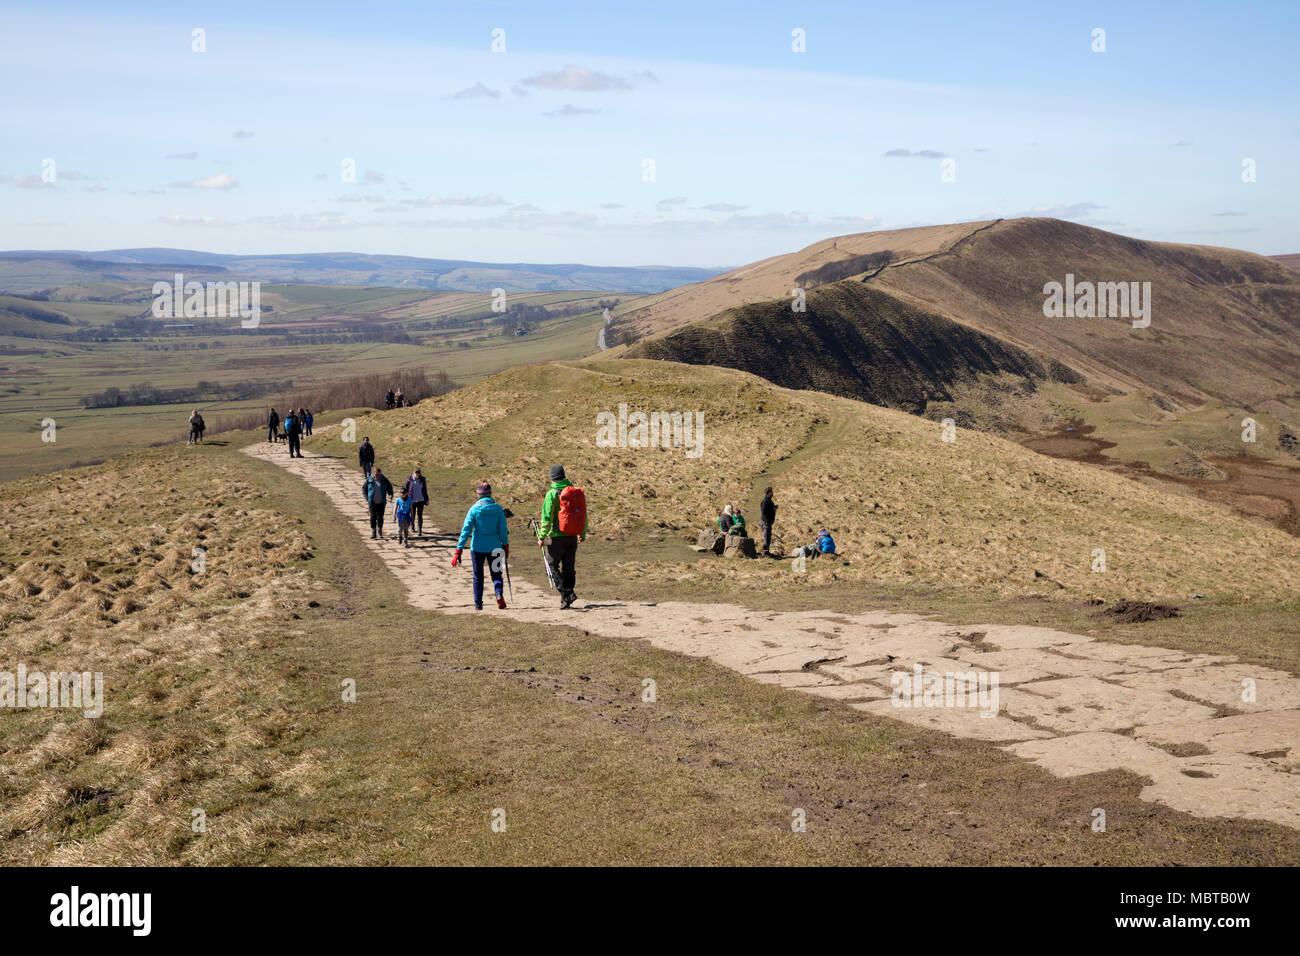 Walkers descending summit of Mam Tor, Castleton, Peak District National Park, Derbyshire, England, United Kingdom, Europe - Stock Image